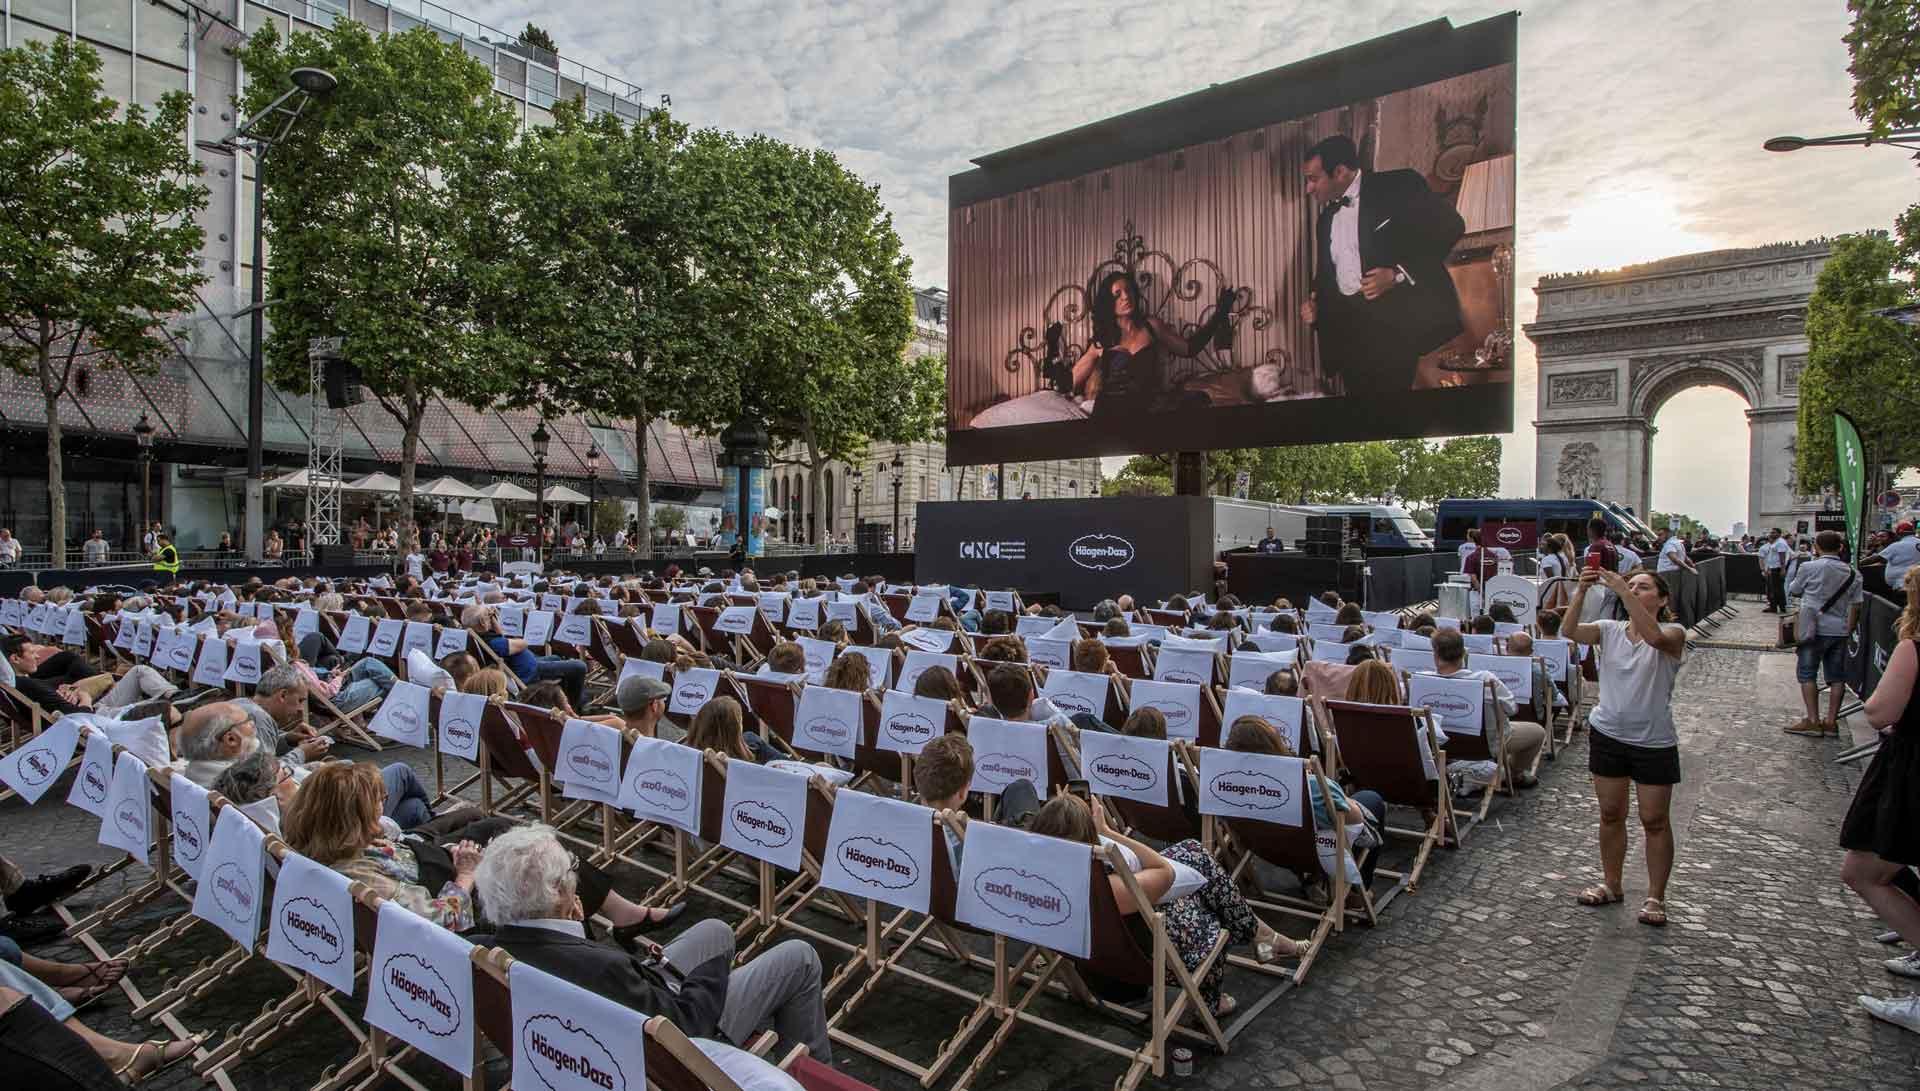 """""""Agente 117: Uma Aventura no Cairo"""" foi projetado ao ar livre na Champs-Elysees, por ocasião da nova edição do """"Um Domingo no Cinema"""", evento organizado pela cidade de Paris. Foto: Divulgação."""